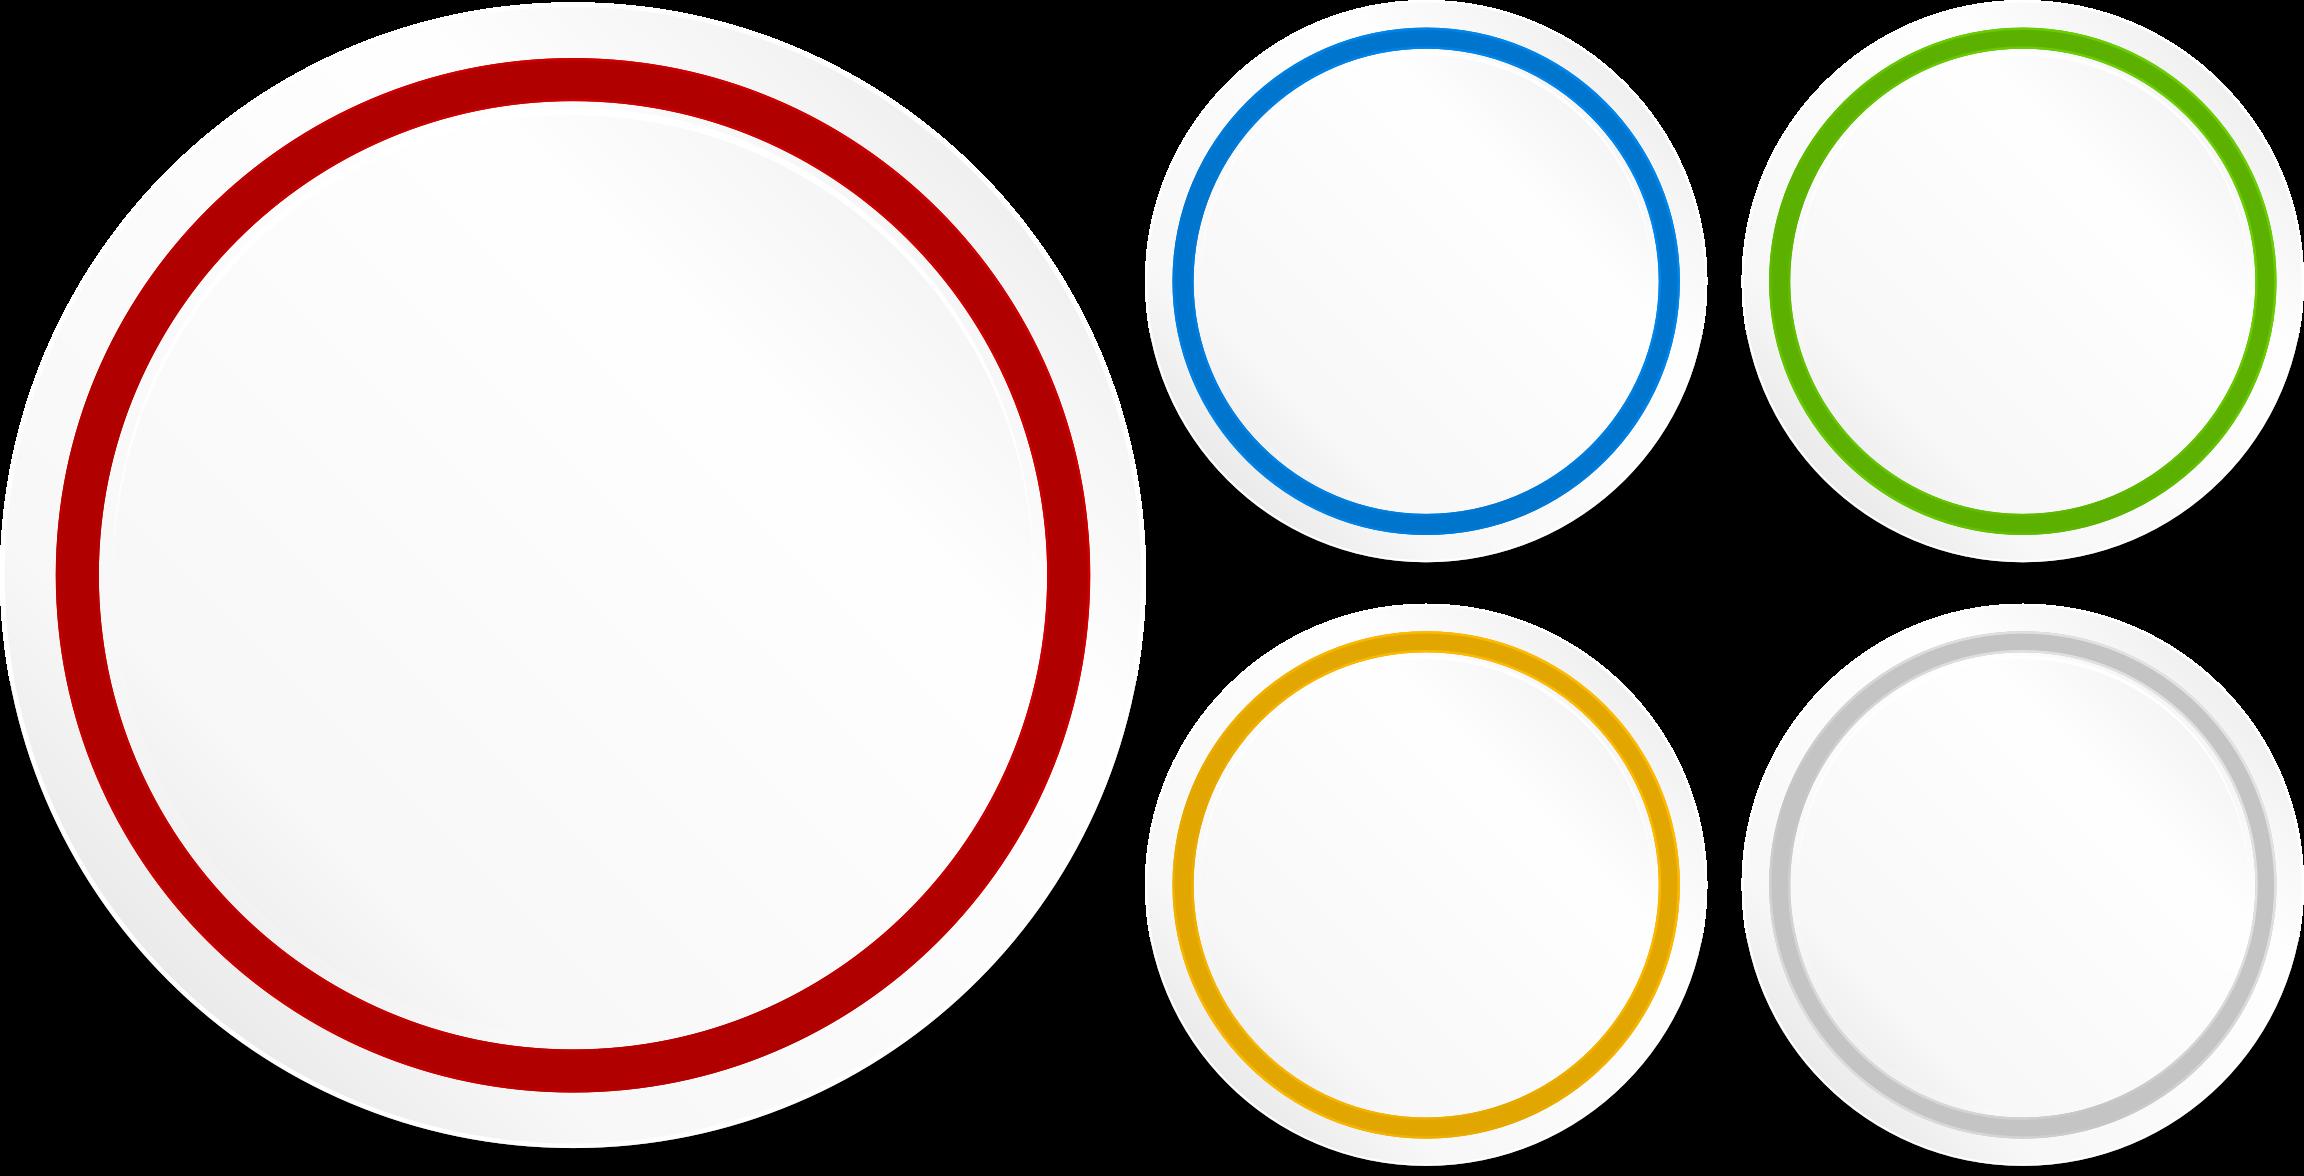 2304x1176 15 Designer Vector Circle For Free Download On Mbtskoudsalg